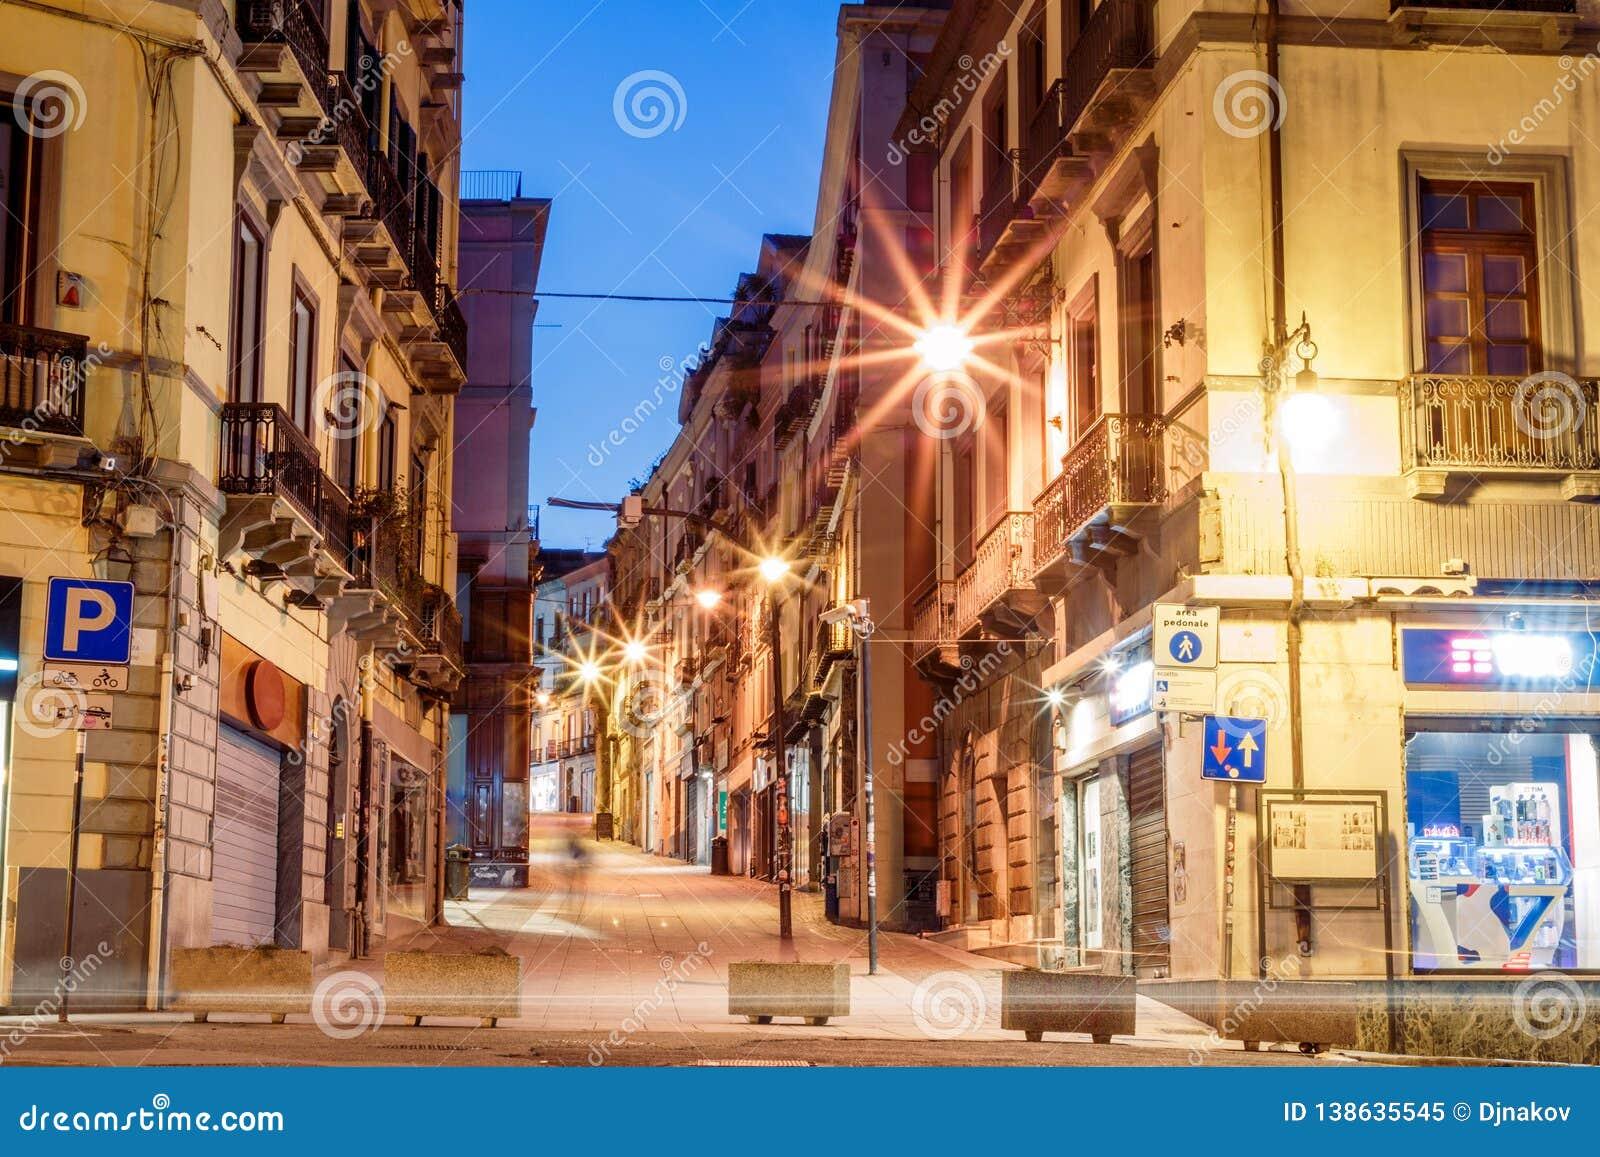 Ruas da manhã com lanternas e cafés em Cagliari Itália